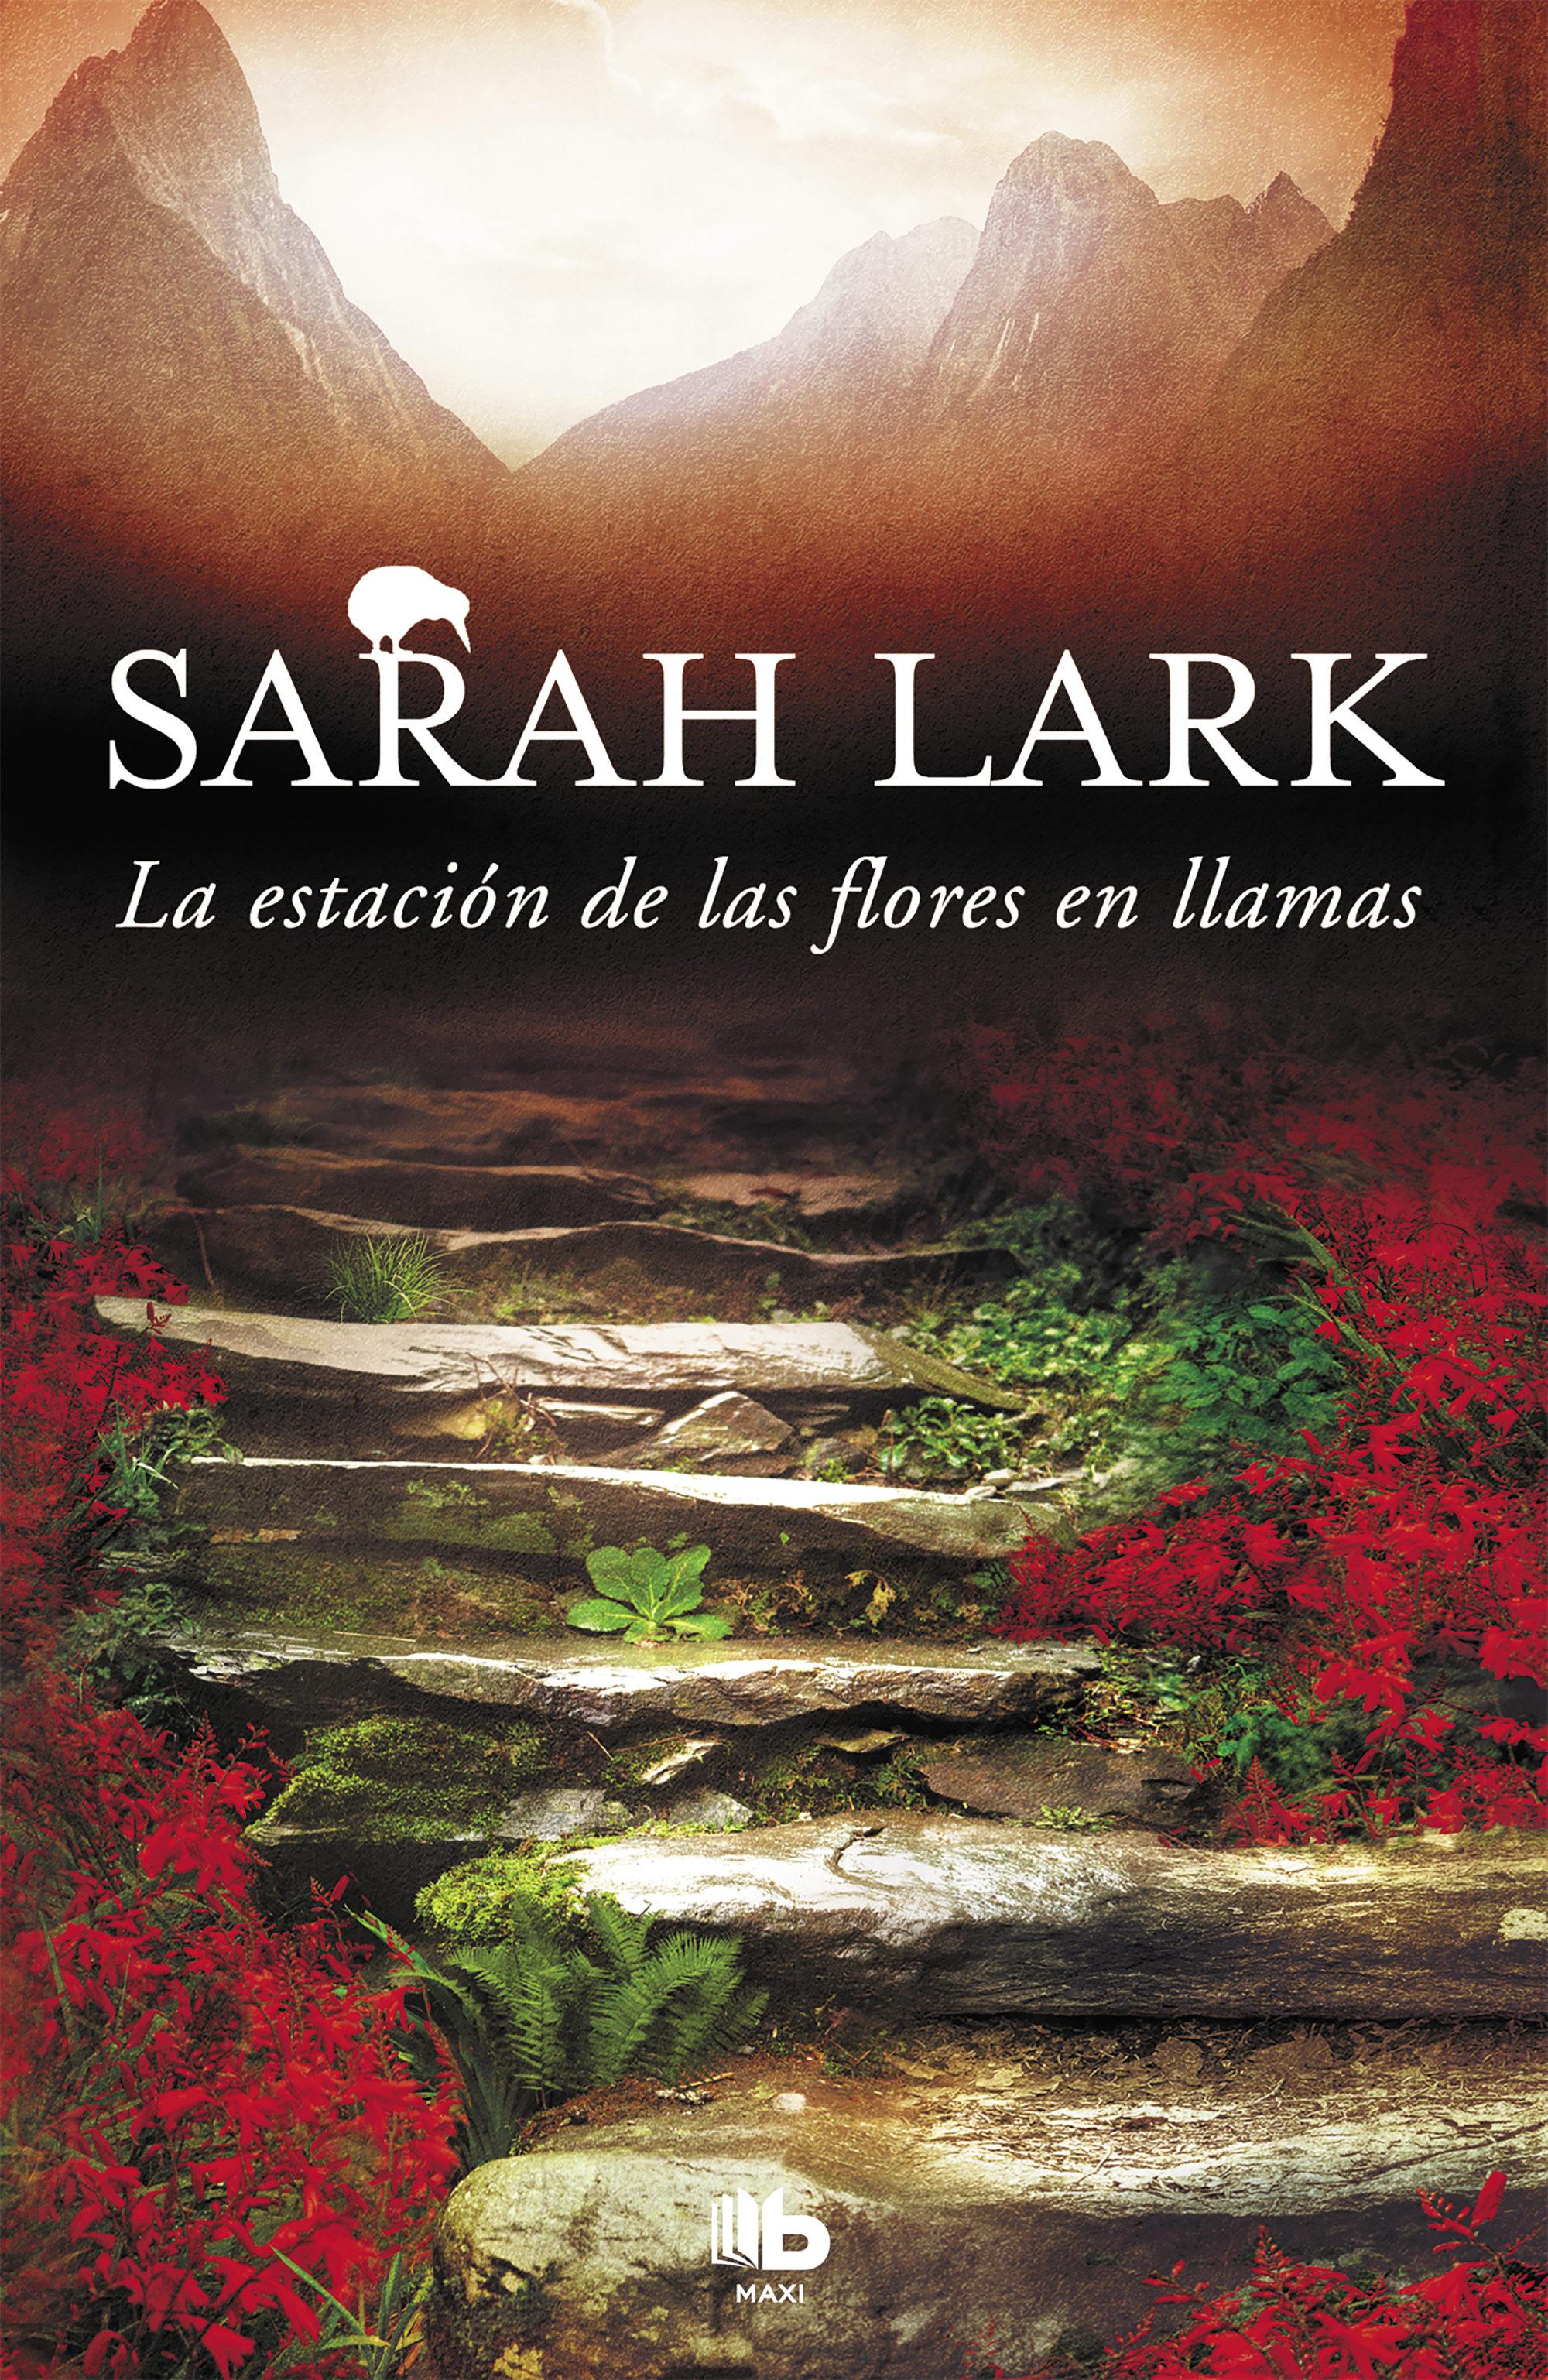 La Estación de las Flores en Llamas - Sarah Lark - B De Bolsillo